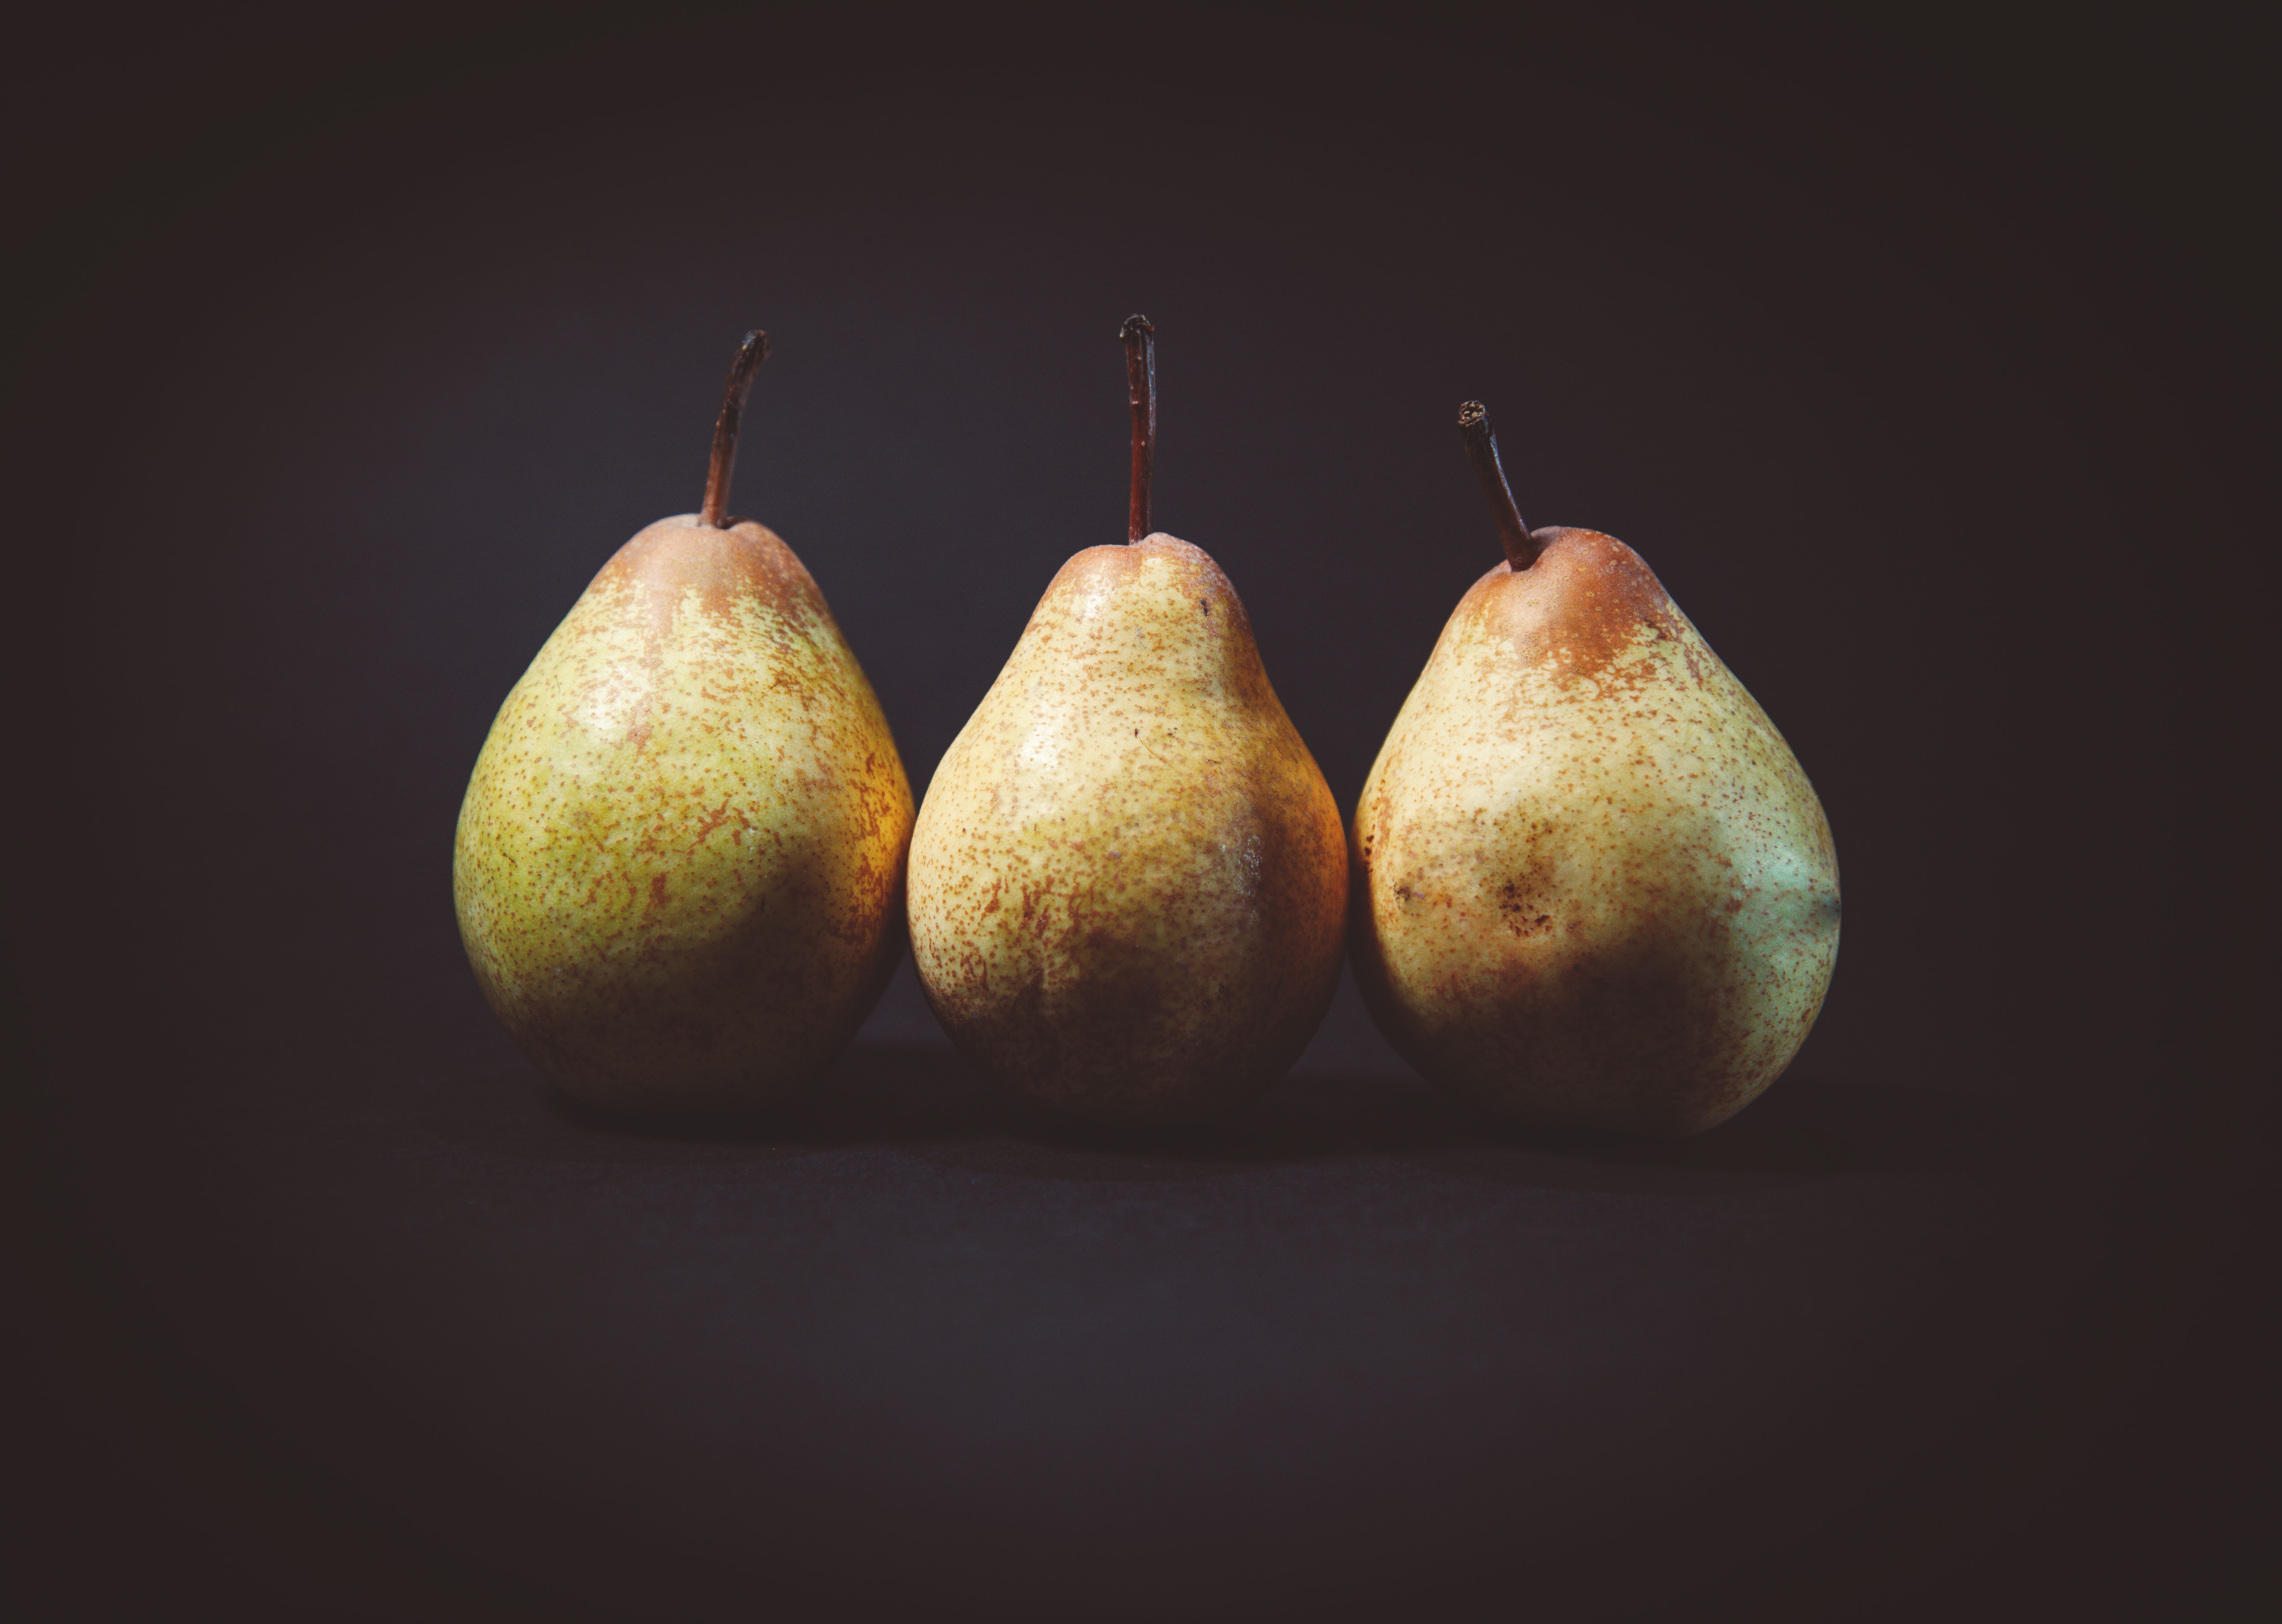 夢占いで梨が意味するサインは?梨が夢に出てきた夢の意味を解説